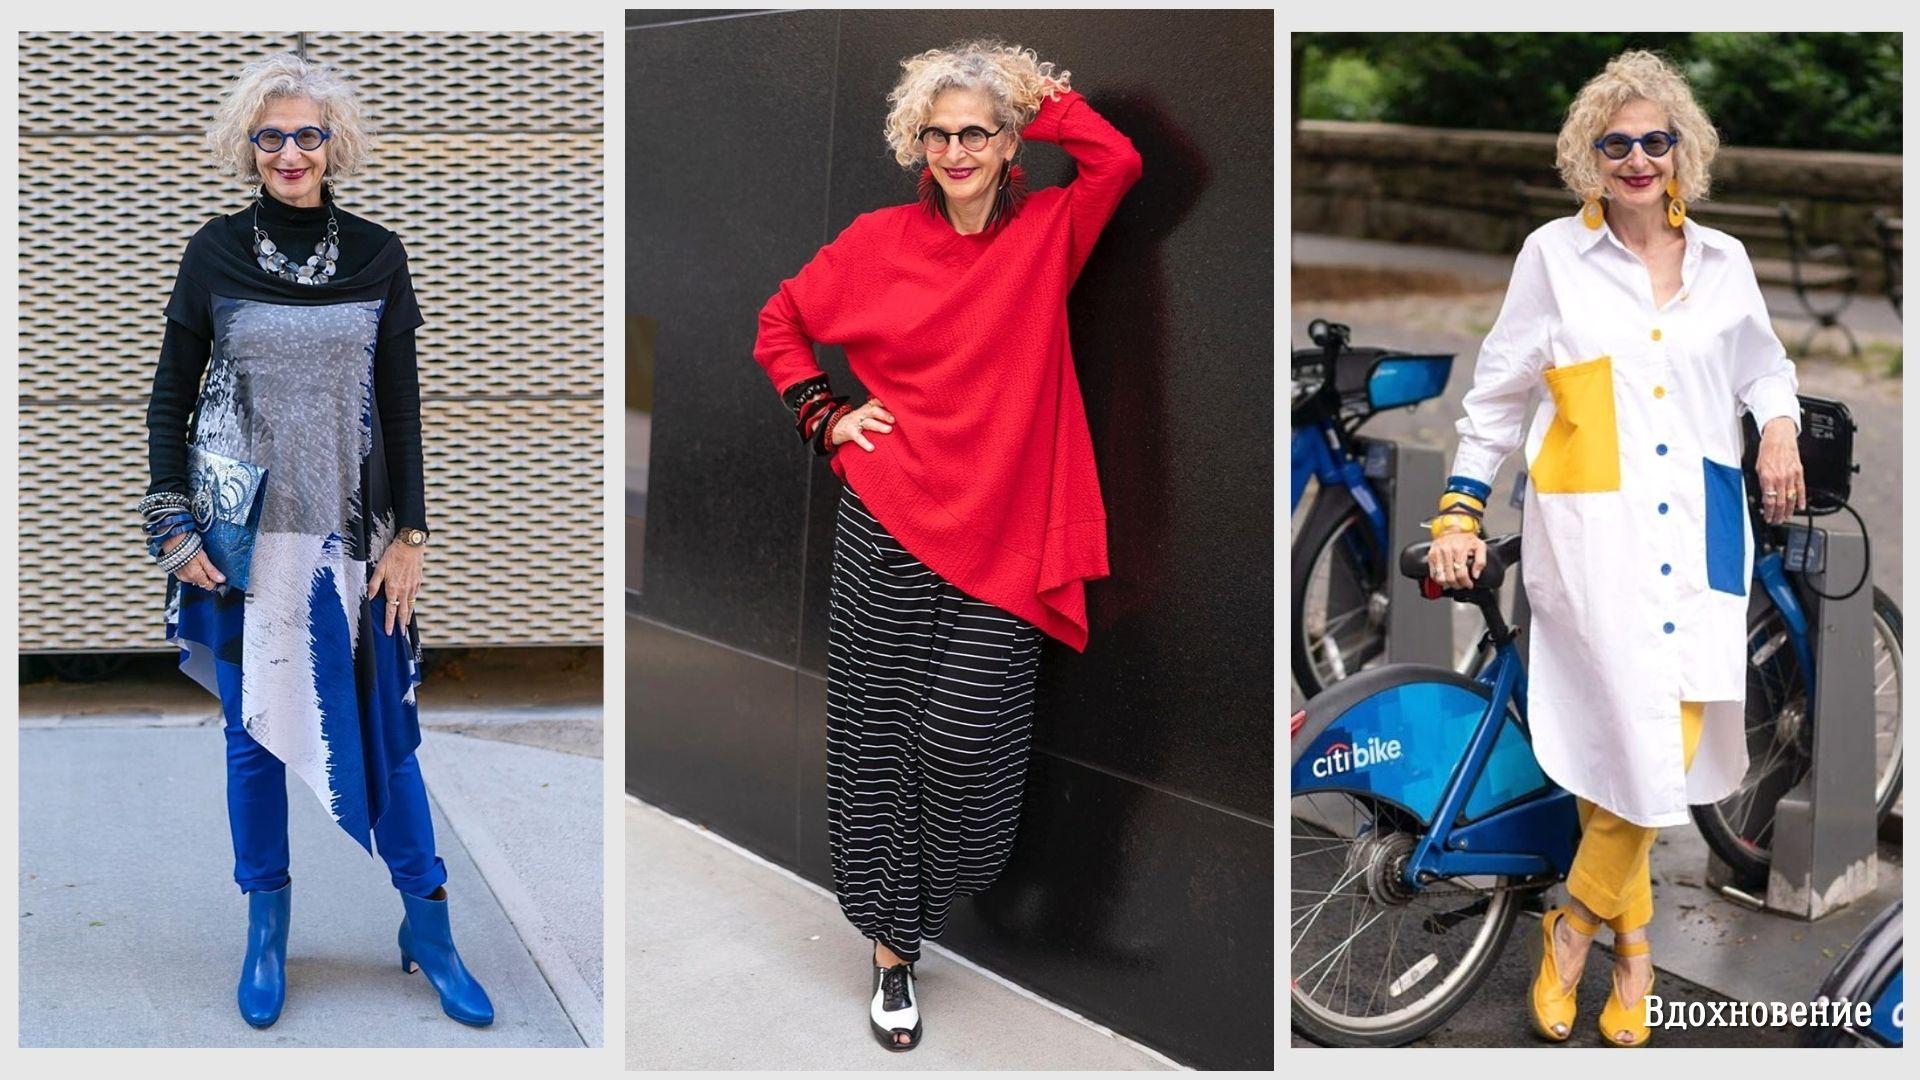 Бохо стиль: 14 ярких, оригинальных образов для женщины элегантного возраста